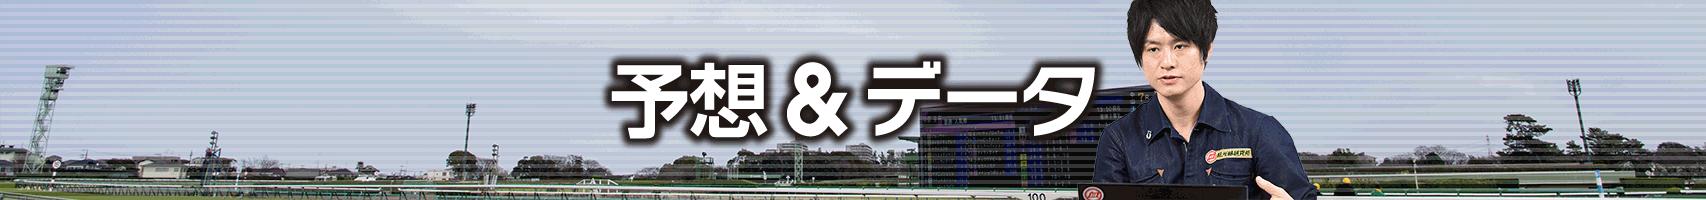 札幌記念/過去の好走馬4ライン小系統&3代内種牡馬